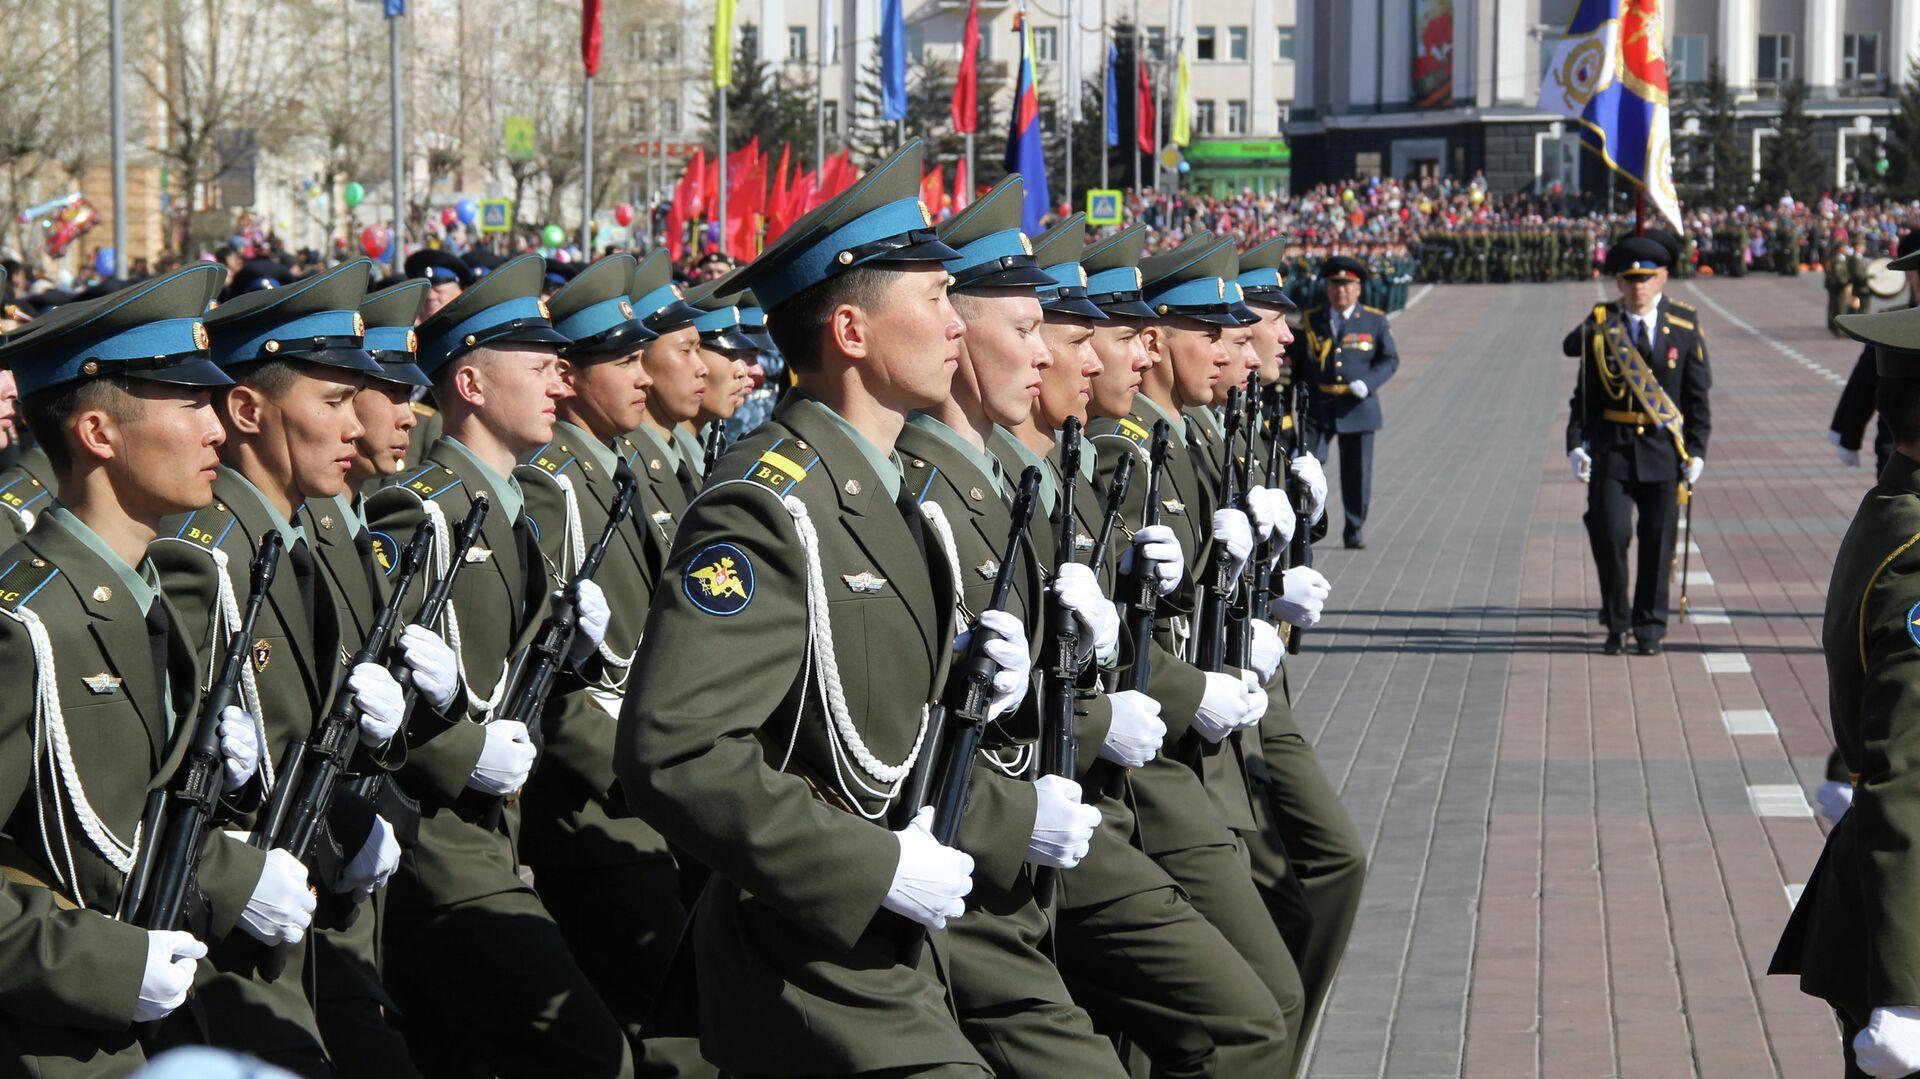 Военный парад в Улан-Удэ  - РИА Новости, 1920, 09.05.2021